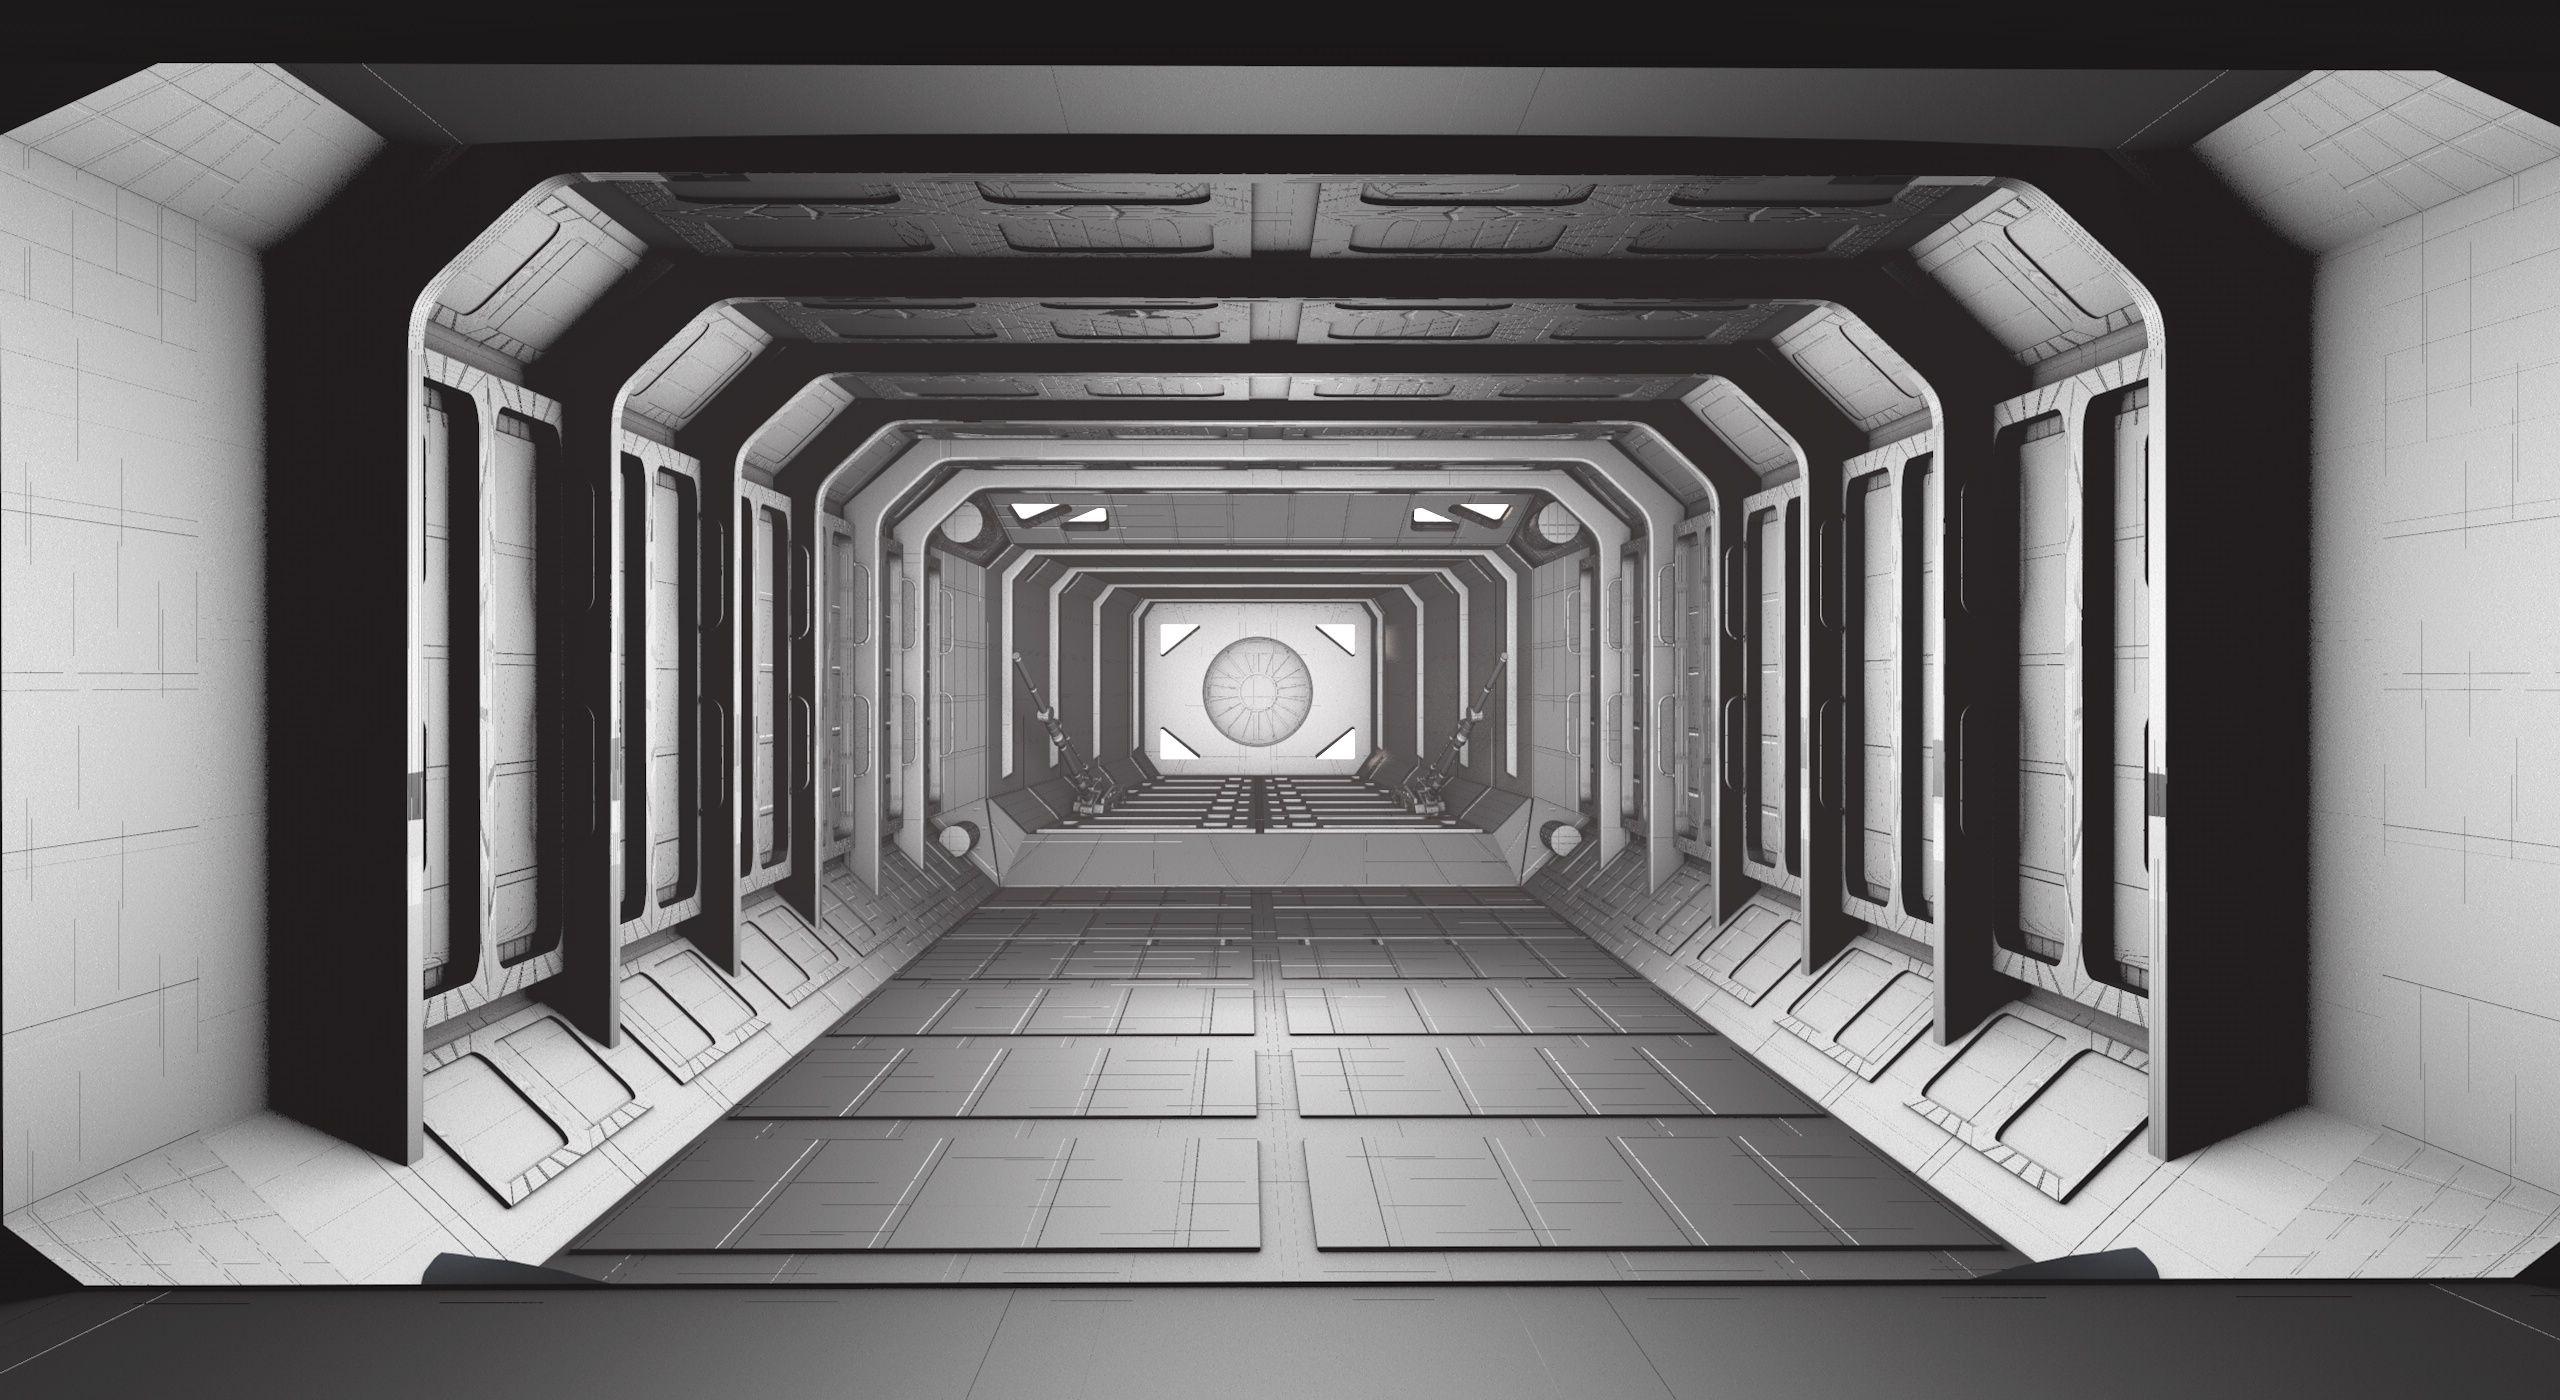 Projet De Vaisseau Spatial Besoin D 39 Aide Tunnel